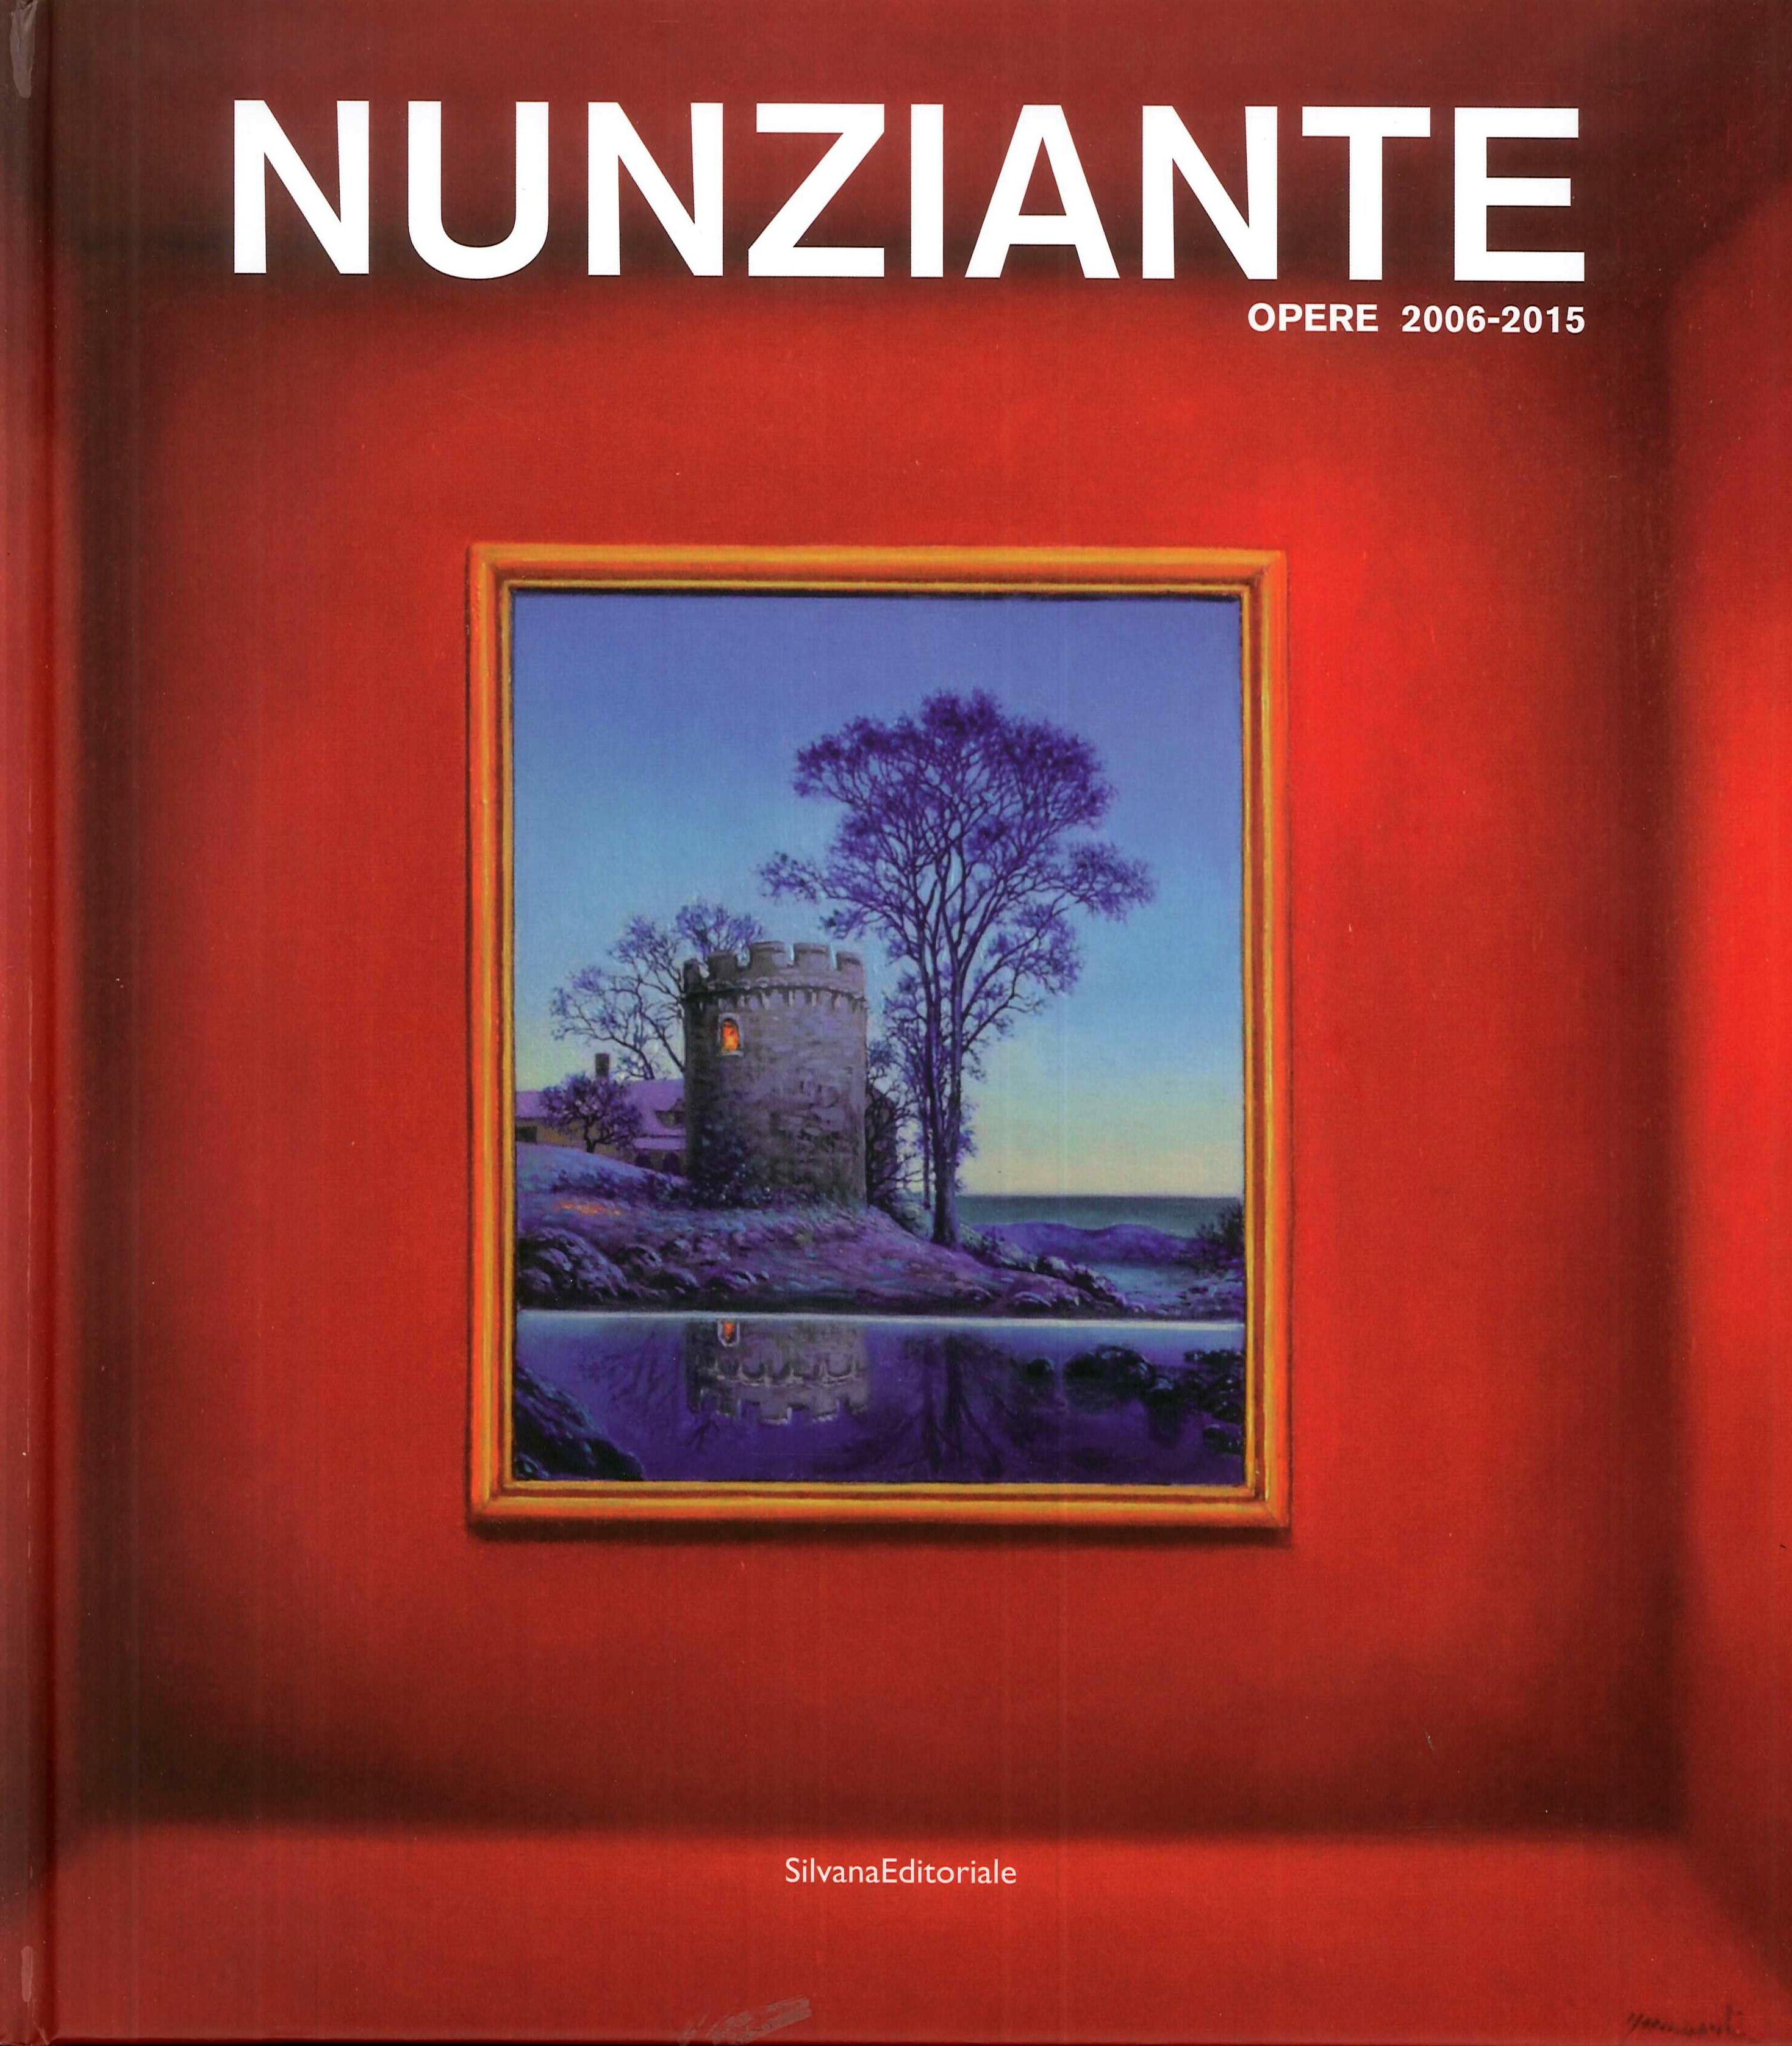 Nunziante. Opere 2006-2015